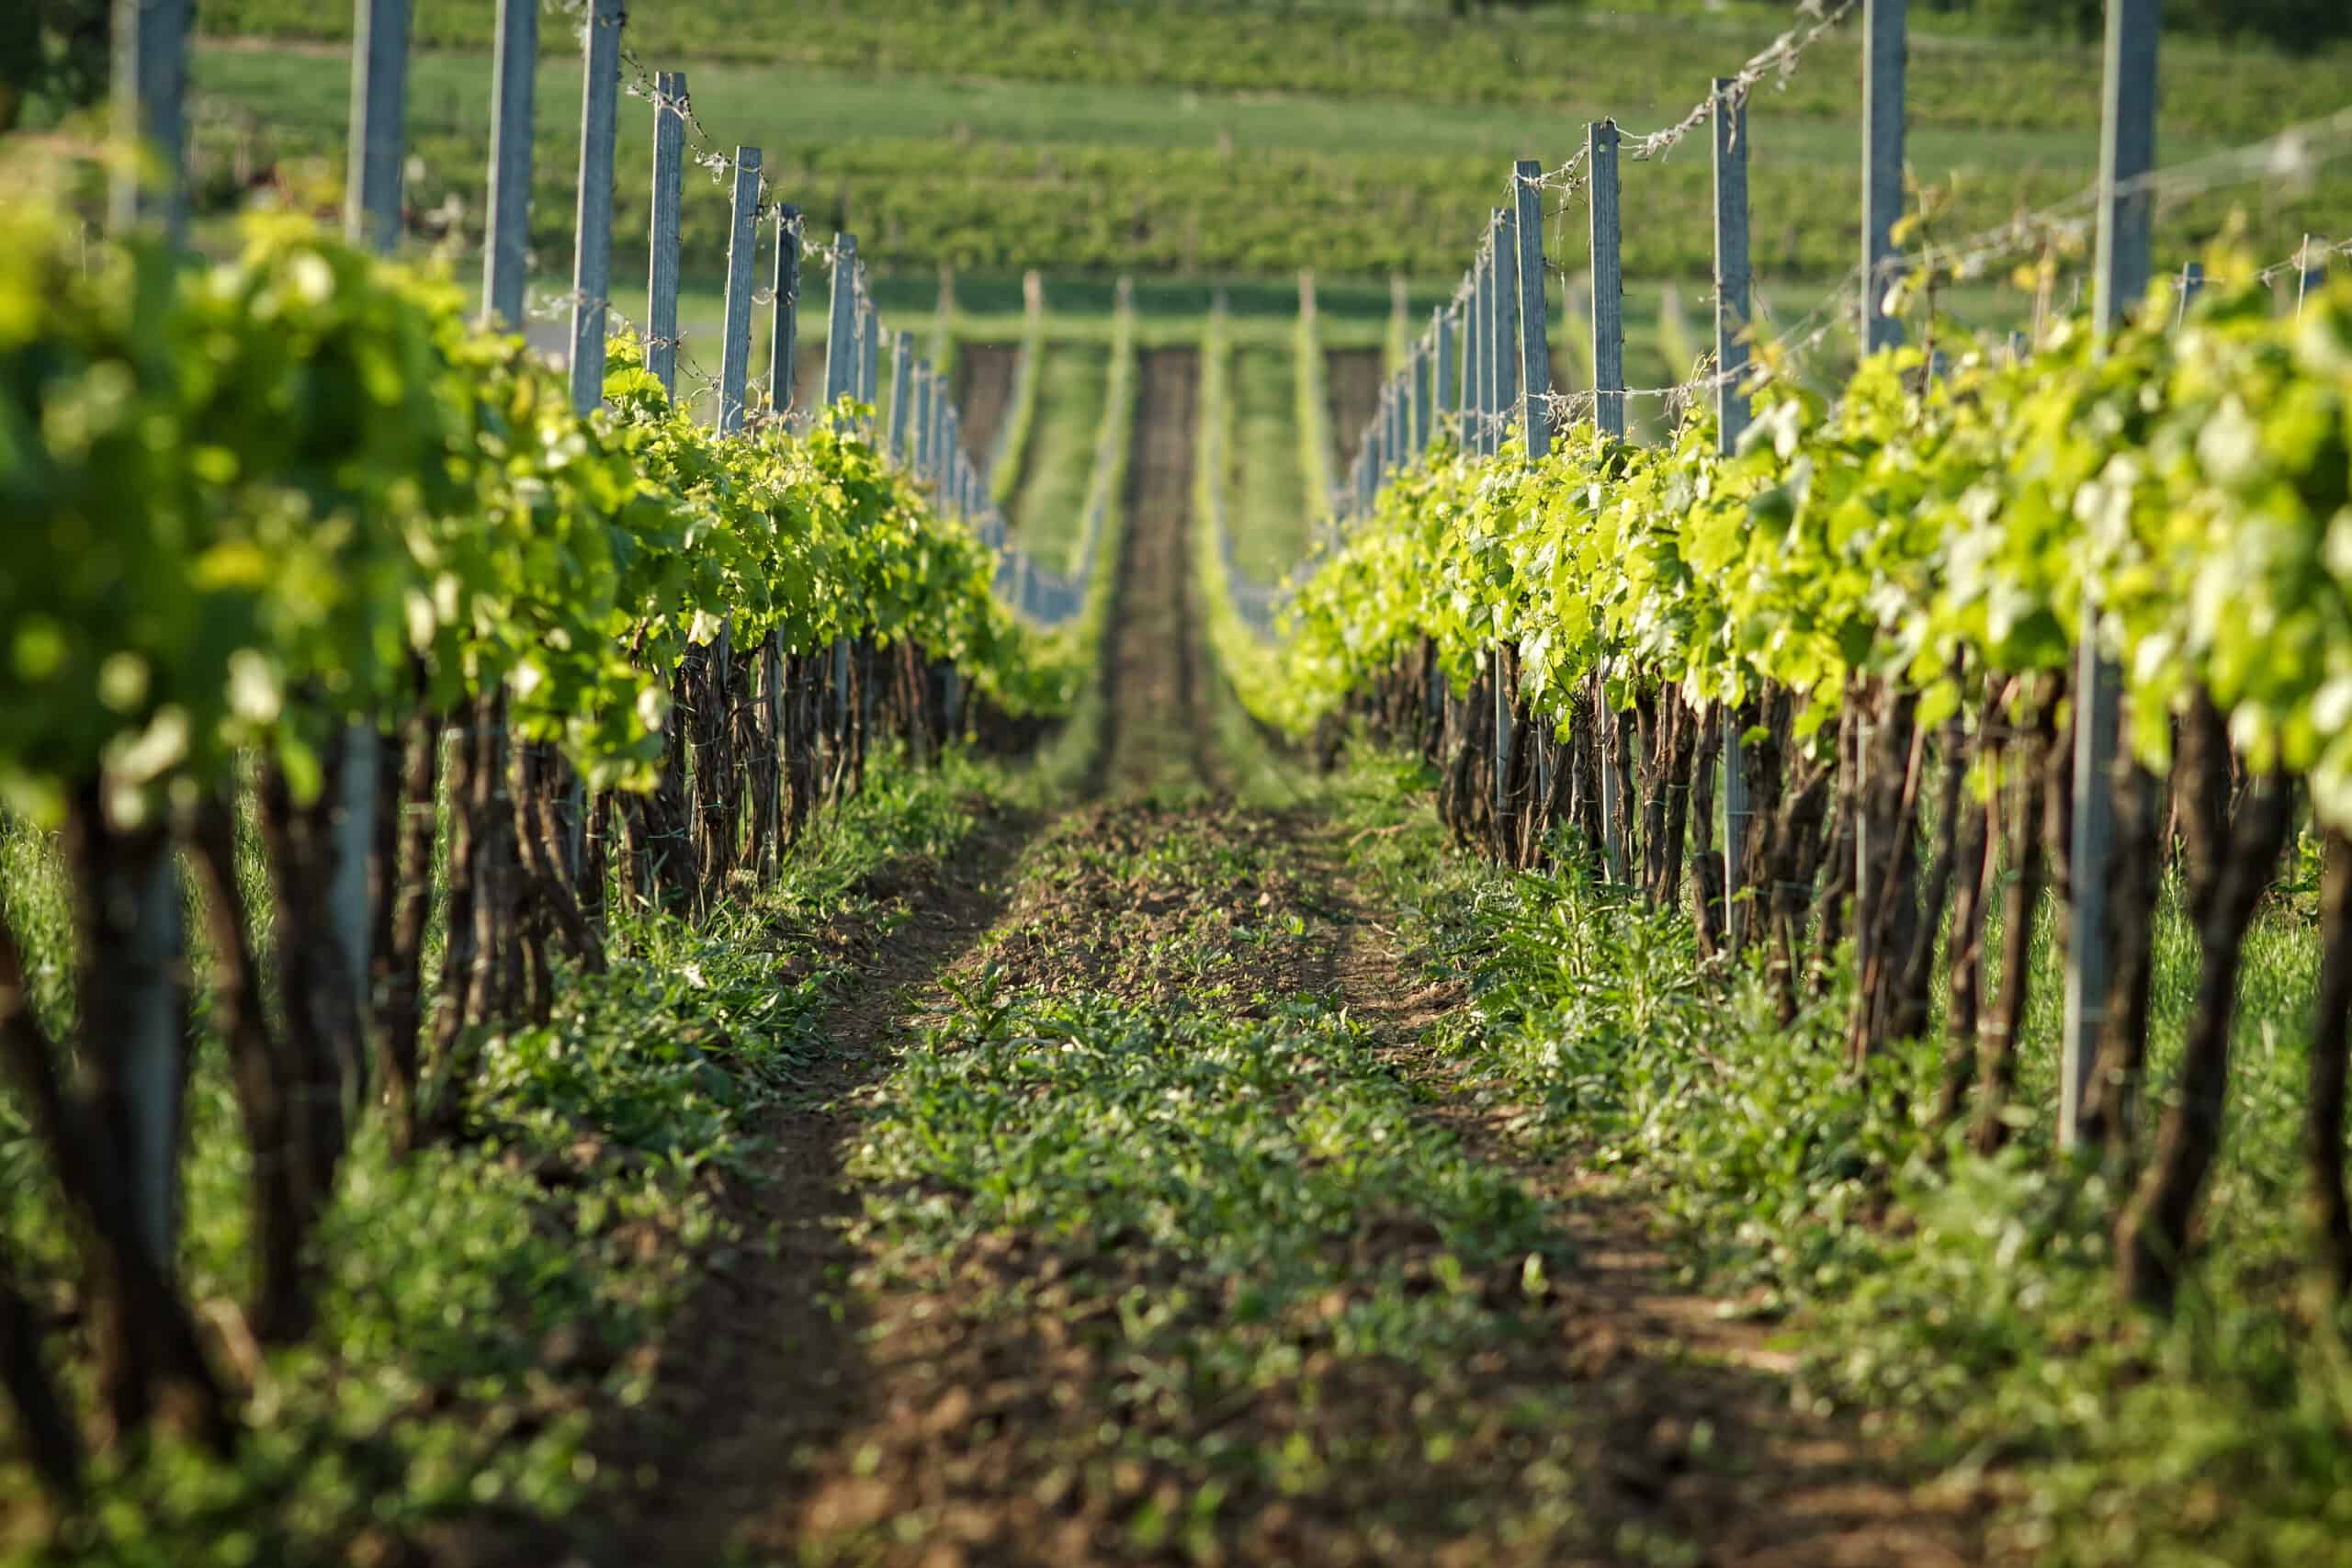 rzędy winorośli w winnicy w Palavie